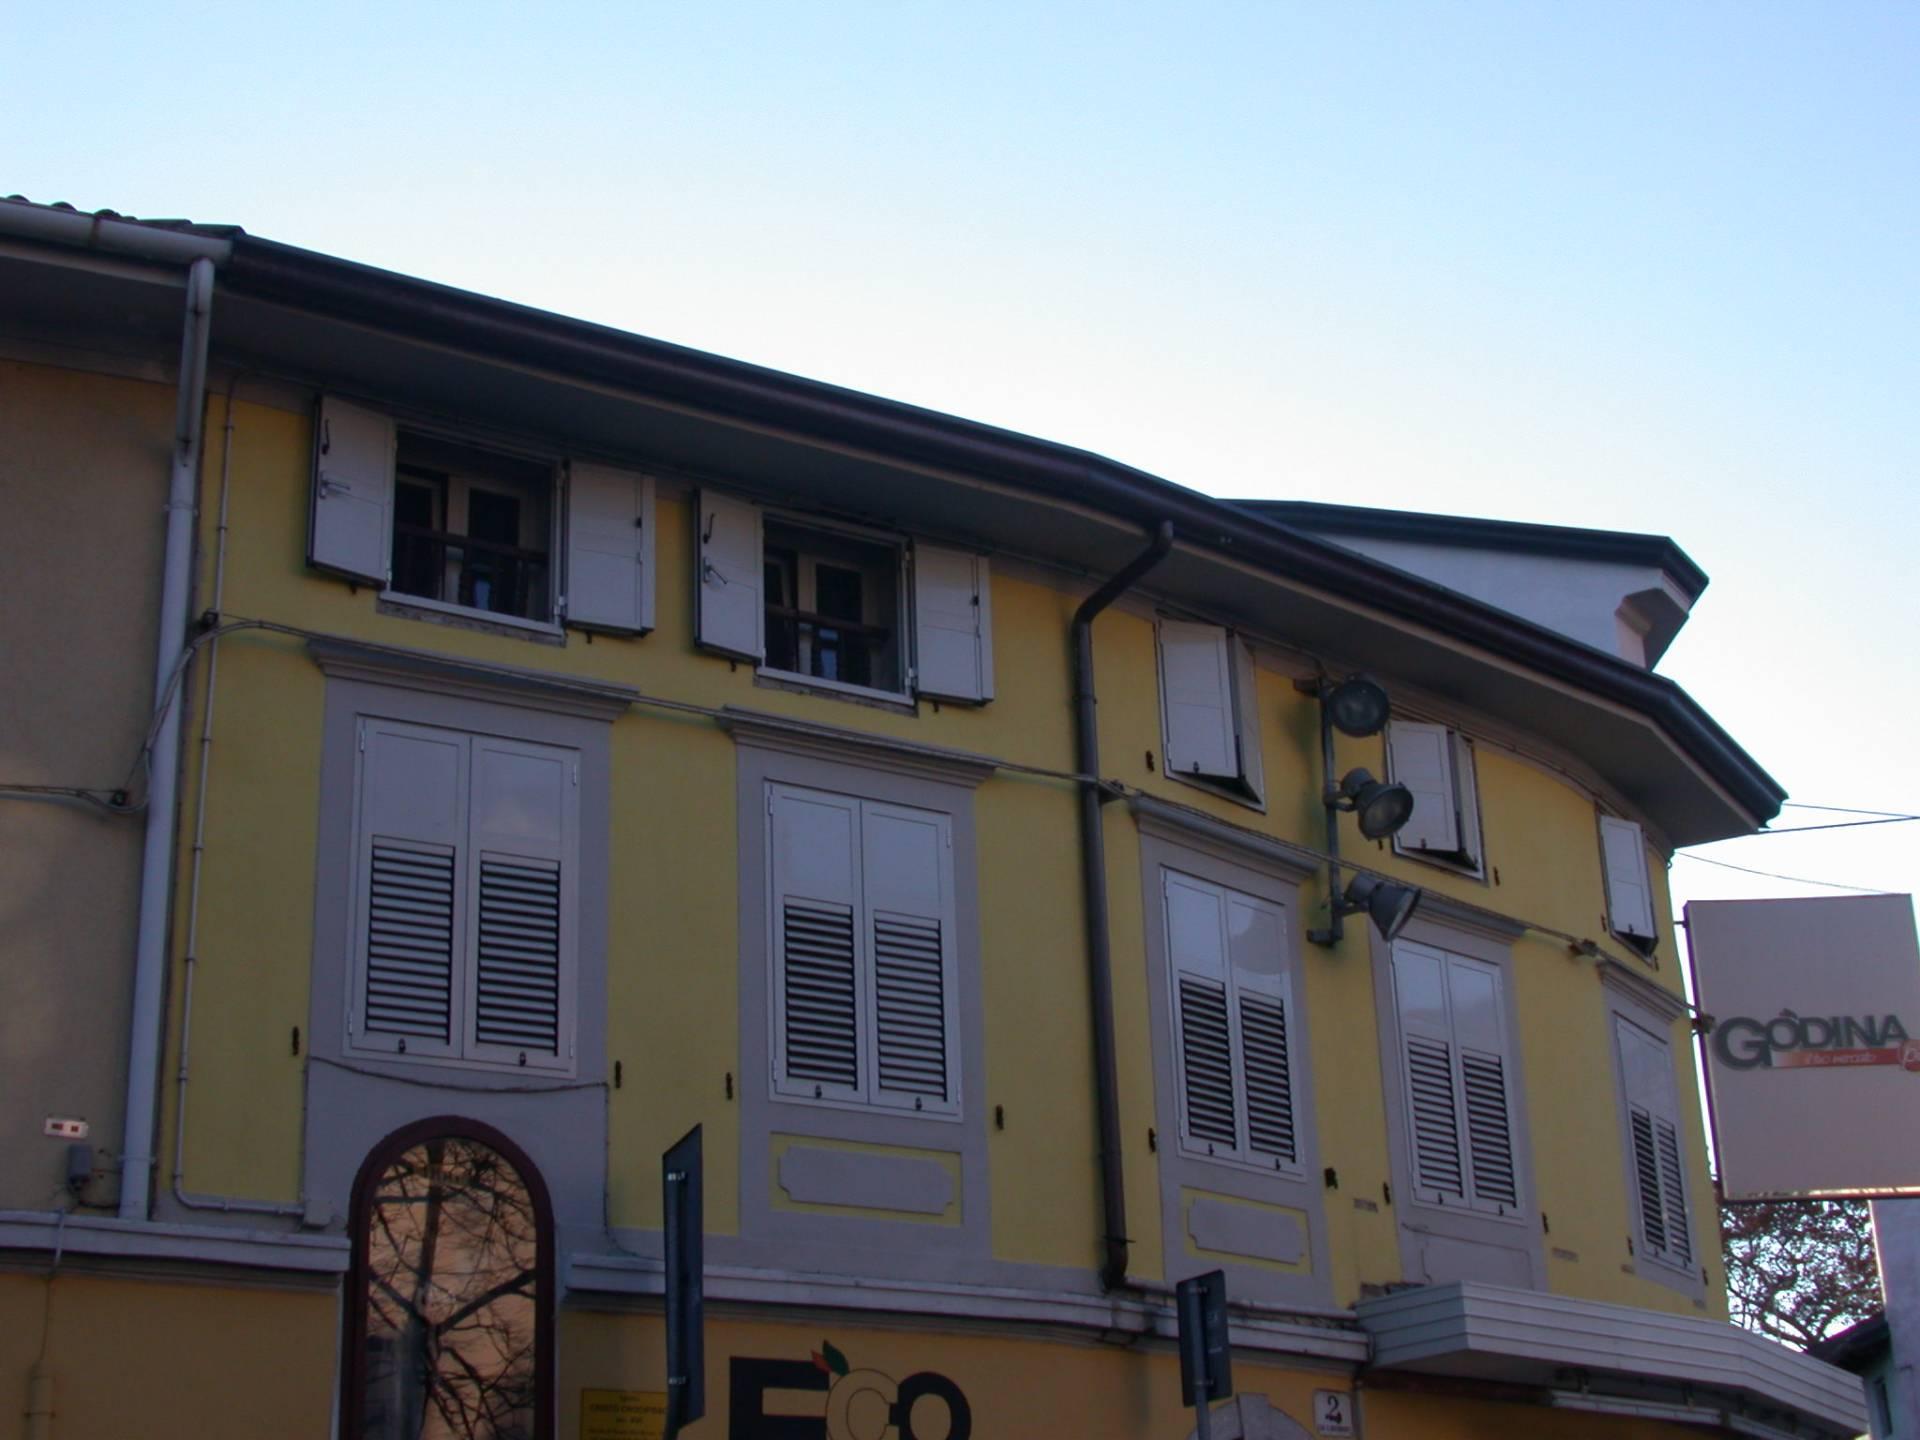 Appartamento in affitto a Gorizia, 2 locali, zona Località: Centrostorico, prezzo € 380 | CambioCasa.it